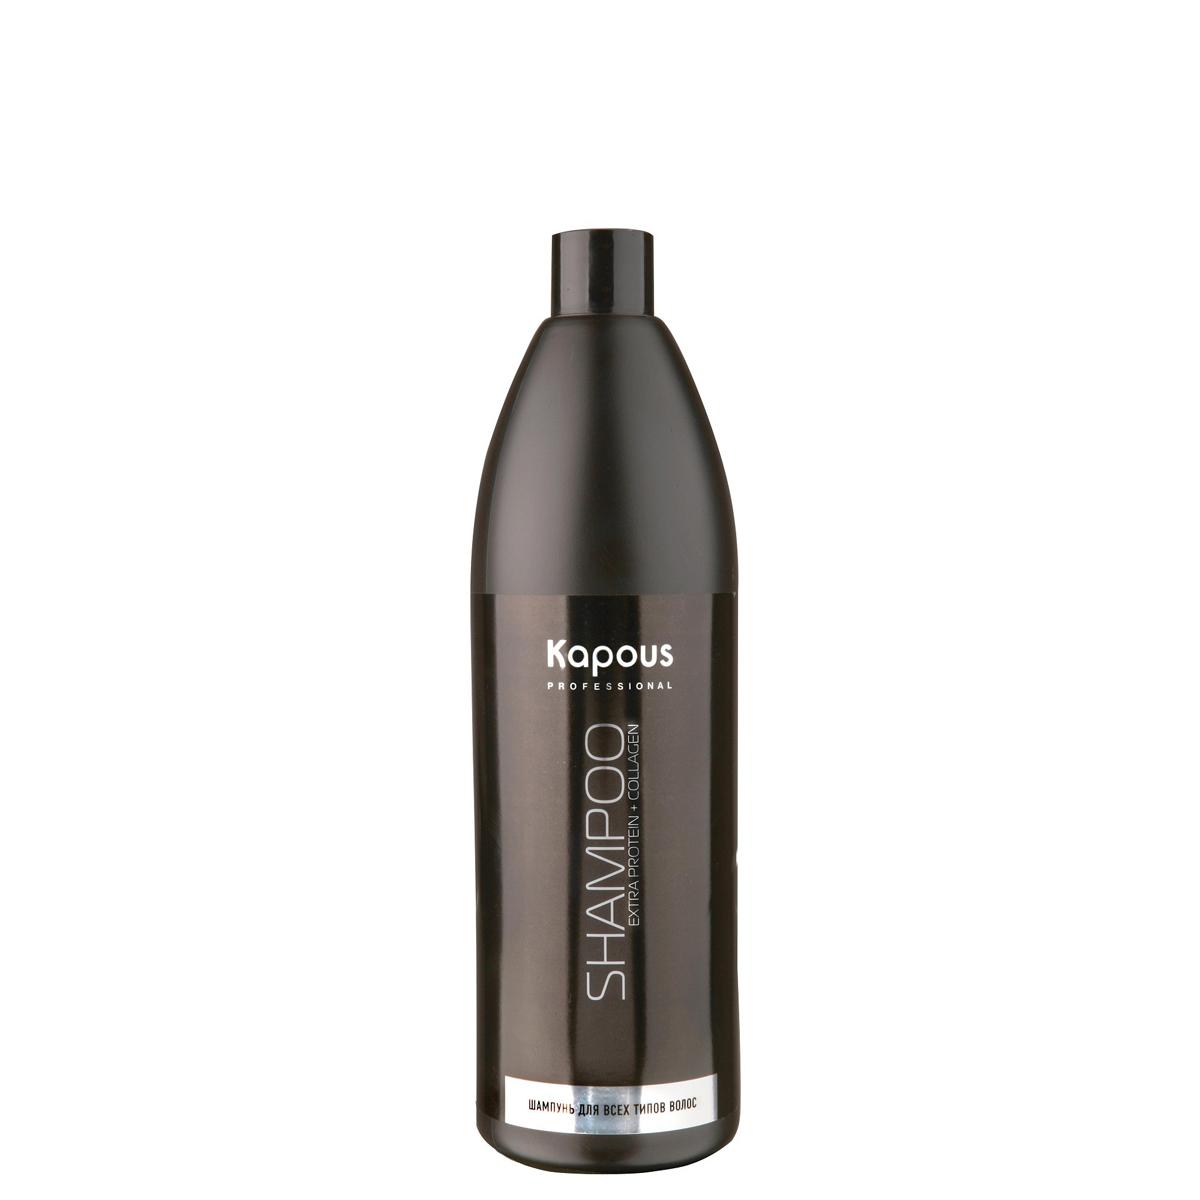 Kapous Professional Шампунь для всех типов волос 1000 млKap22Шампунь Kapous для всех типов волос предназначен для глубокой тщательной очистки волос и подготовке к дальнейшей обработке. Тщательно вымывая все органические загрязнения, а также остатки укладочных средств, деликатно и глубоко очищает волосы, не повреждая их. Благоприятный для кожи головы РН - фактор, натуральные экстракты, протеиновый комплекс и коллаген улучшают микроциркуляцию крови, способствуют регенерации и увлажнению.